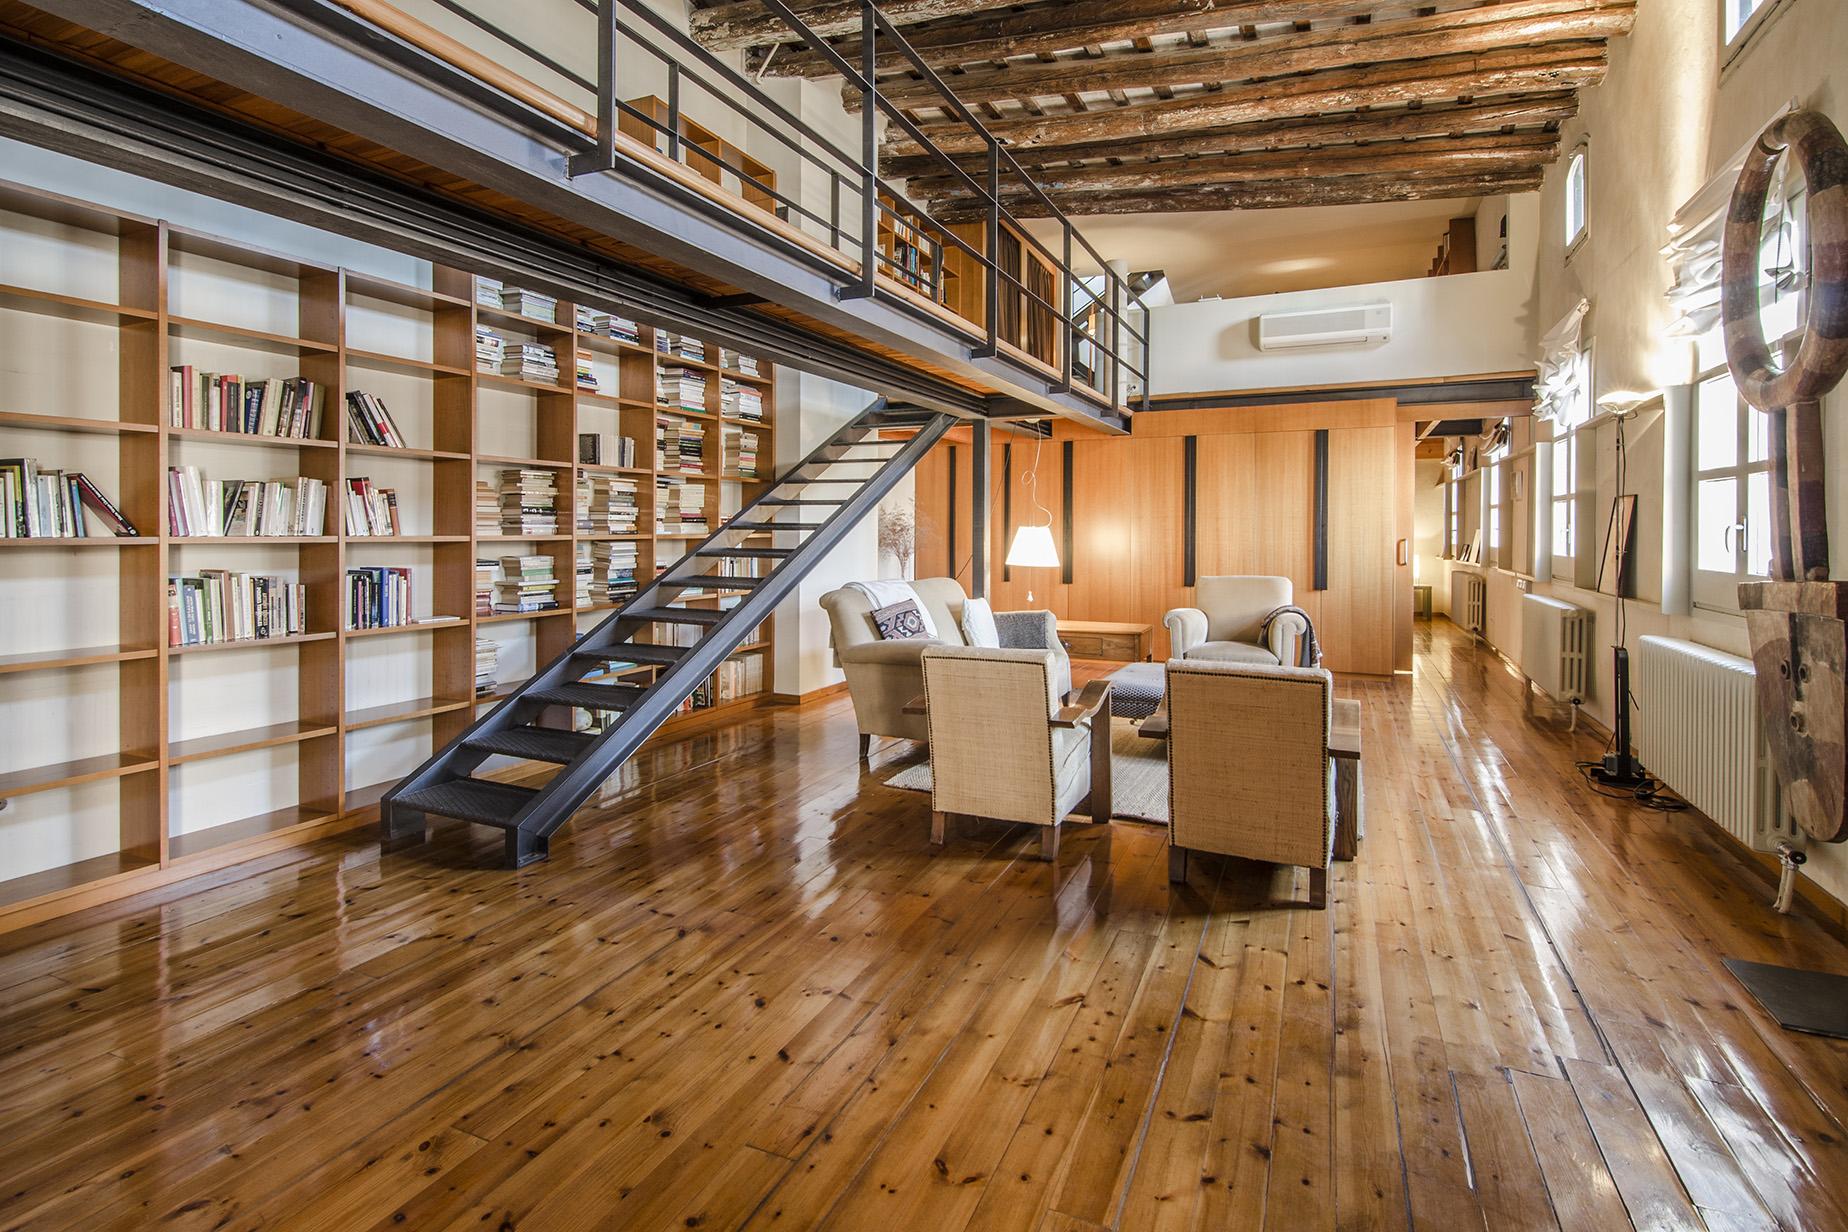 Квартира для того Продажа на Penthouse Loft with a Large Terrace and Views in Ciutat Vella Old Town Ciutat Vella, Barcelona City, Barcelona, 08002 Испания